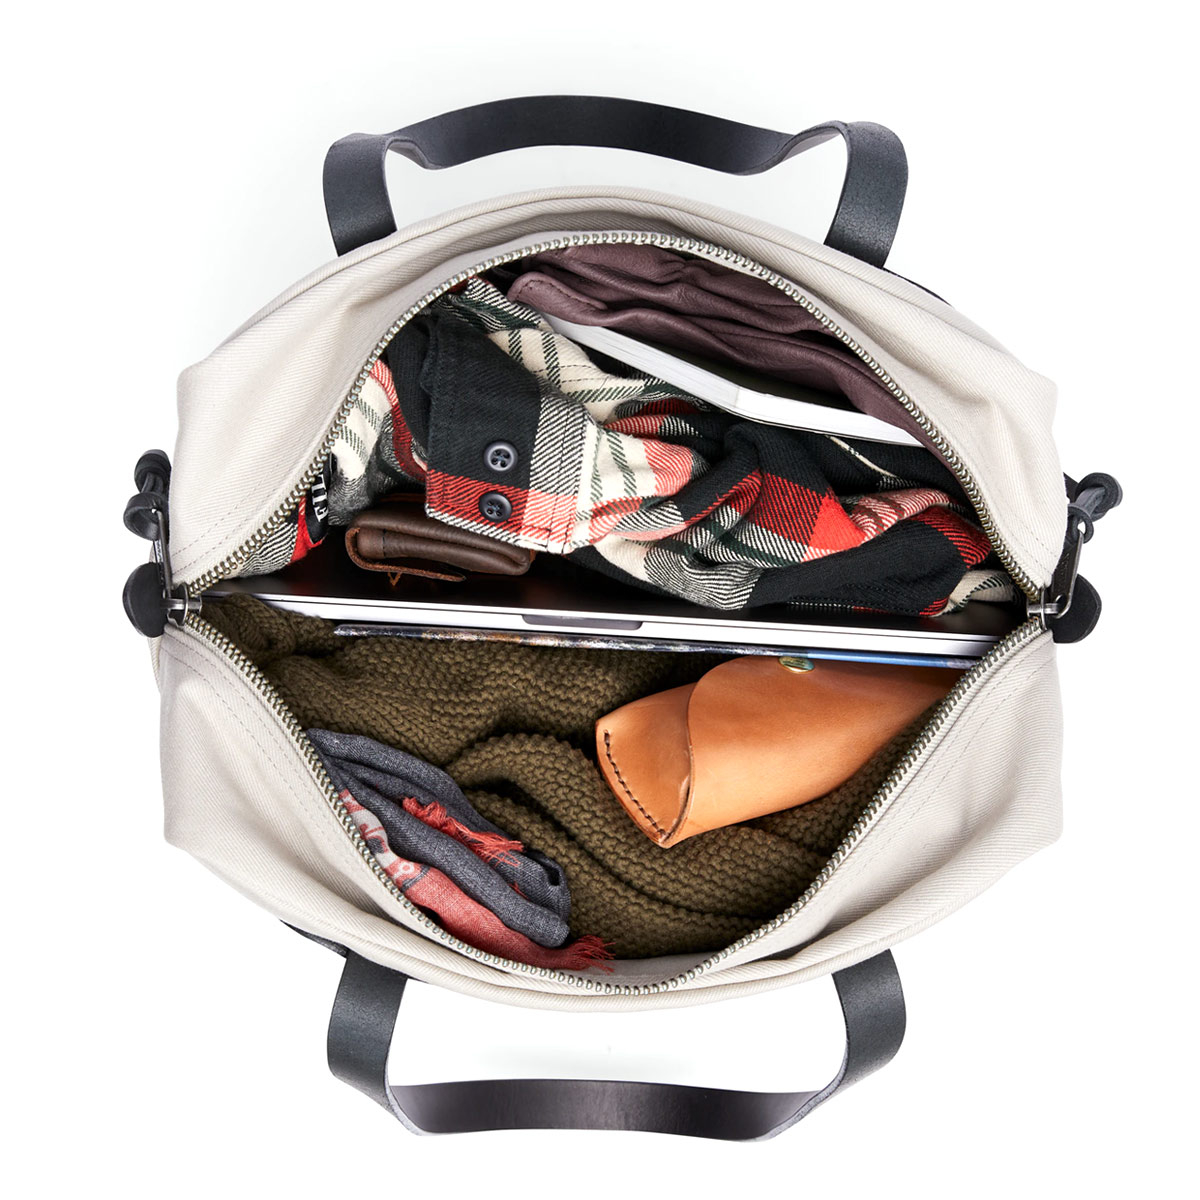 Filson Rugged Twill Tote Bag With Zipper 11070261-Twine, legendäre Tote Bag für unterwegs